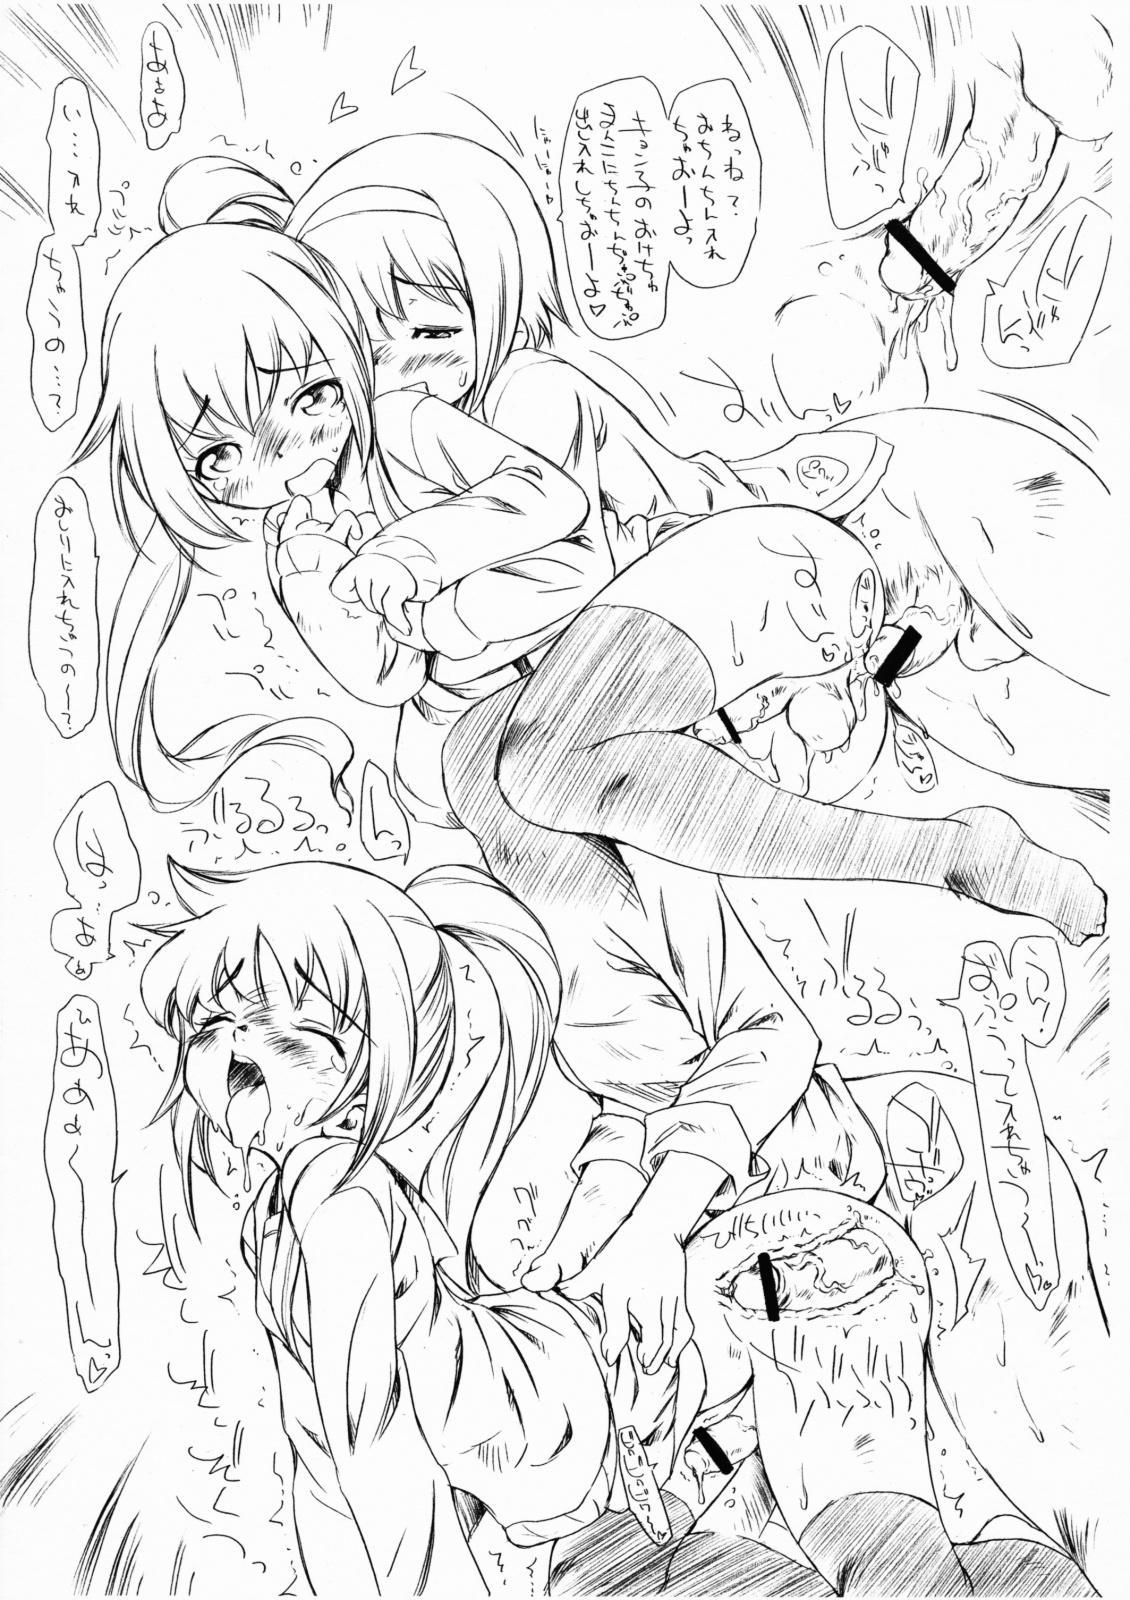 [Magic Machinery] Haenuki! Haruhiko-kun to Kyonko-san no Copy Hon (Suzumiya Haruhi no Yuuutsu) 5